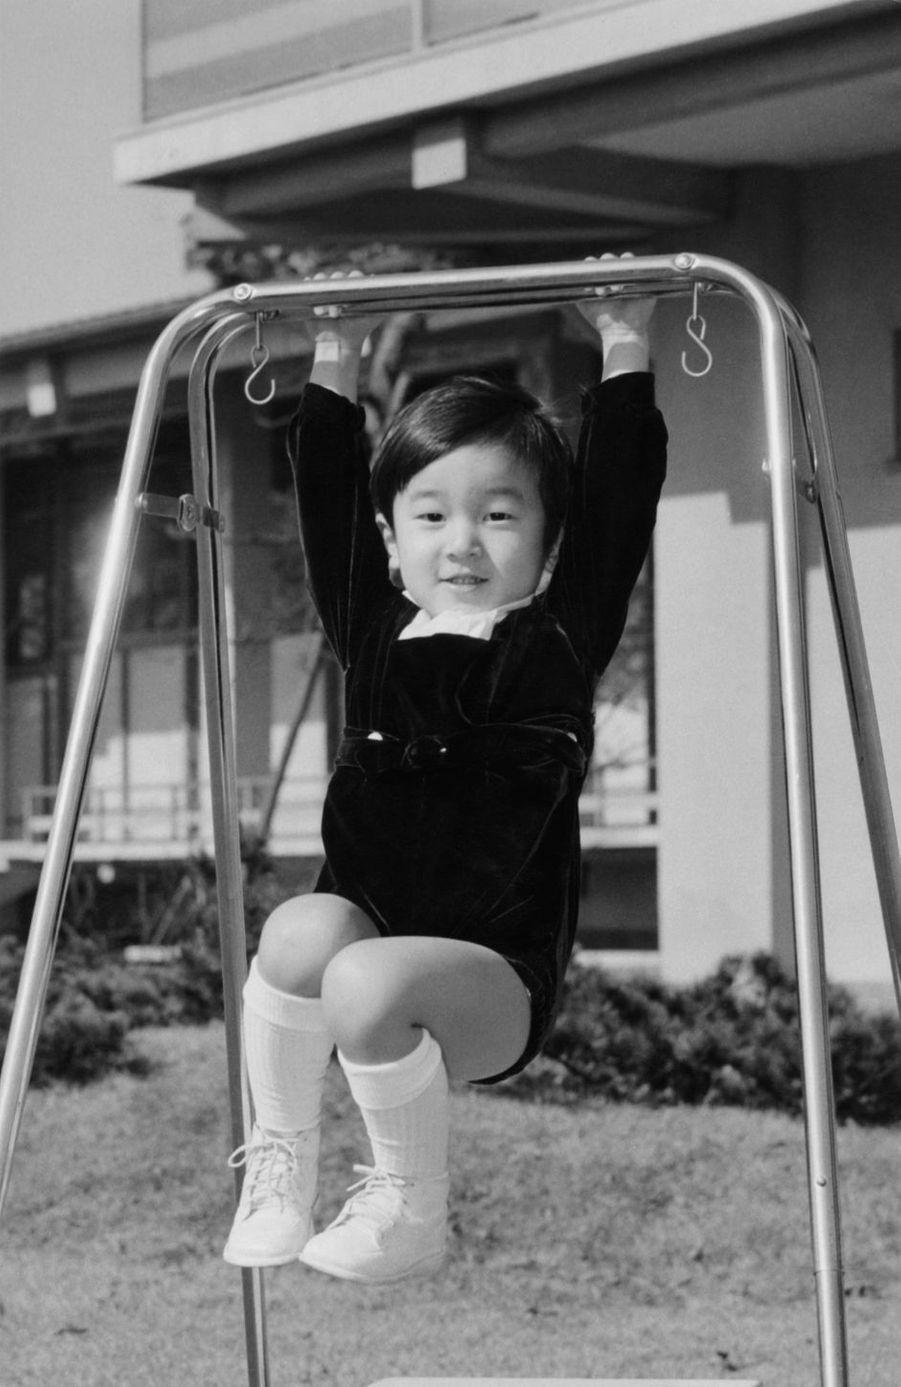 Le prince Naruhito du Japon, le 22 février 1963. Photo diffusée pour ses 3 ans